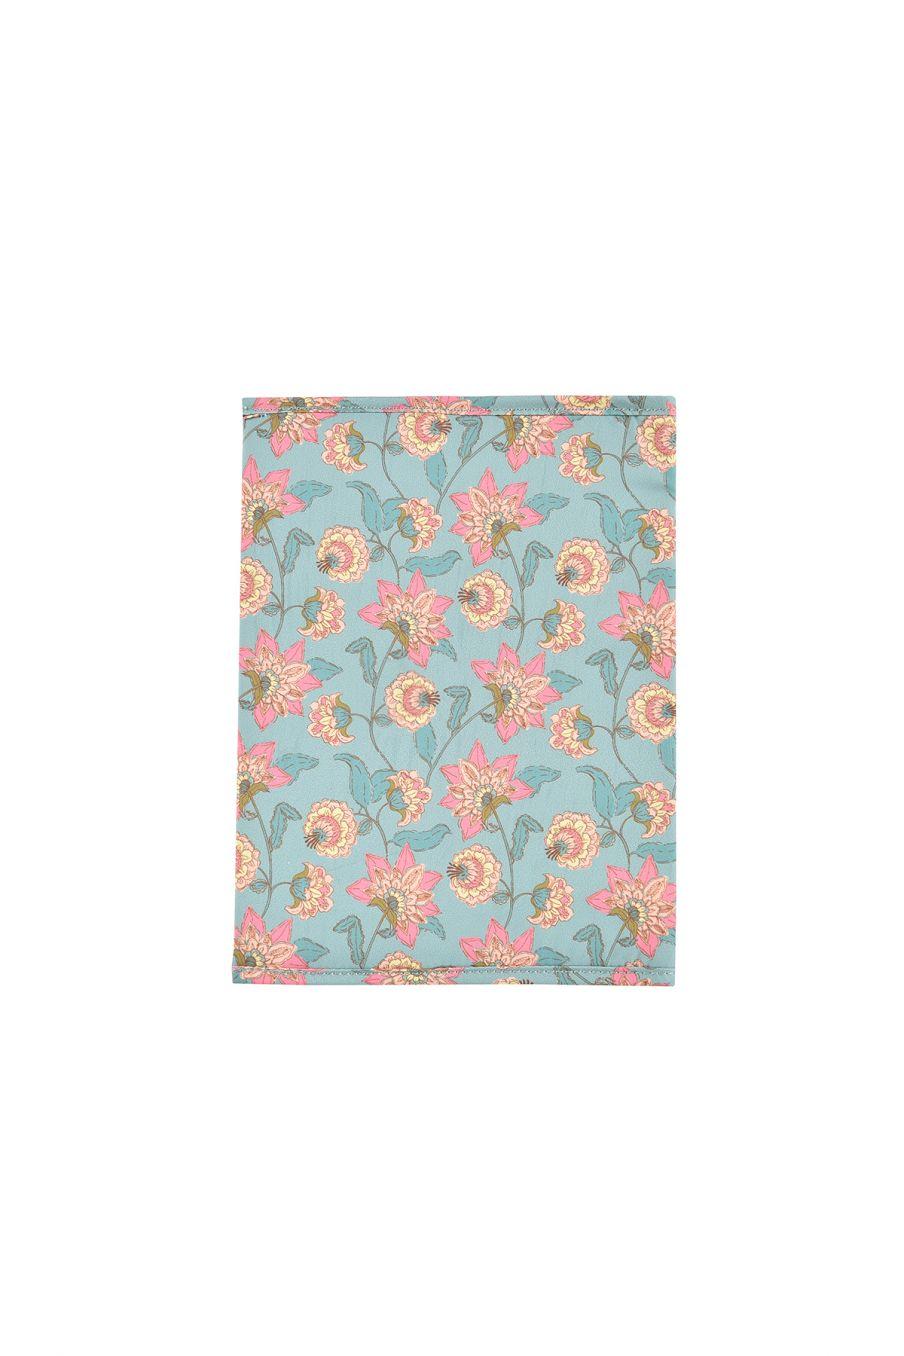 boheme chic vintage protège carnet de santé bébé fille nutmea turquoise flowers